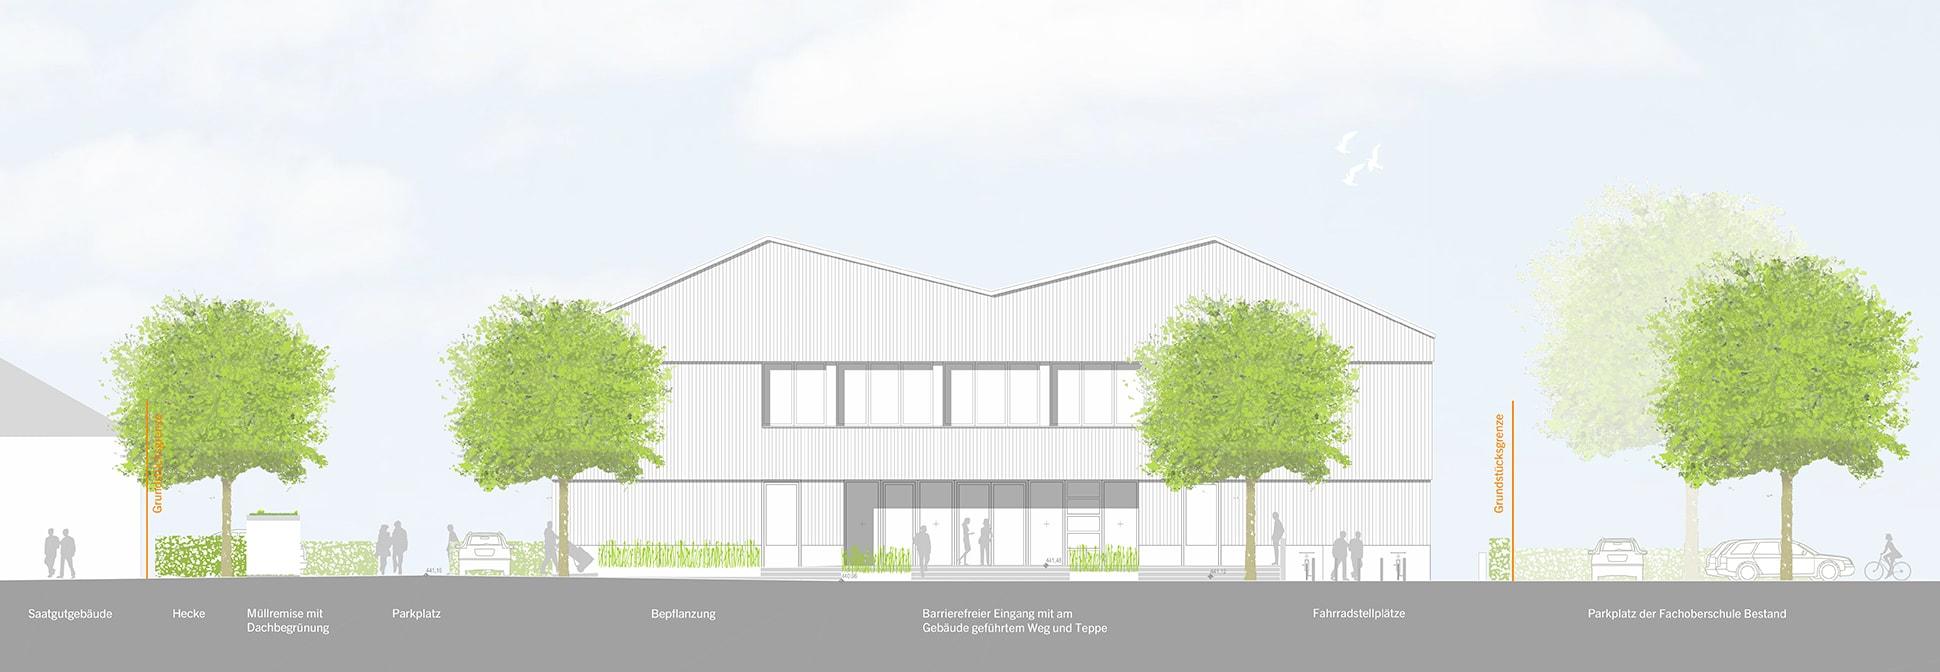 Staatliches Berufliches Schulzentrum Ansbach-Triesdorf, Schnitt